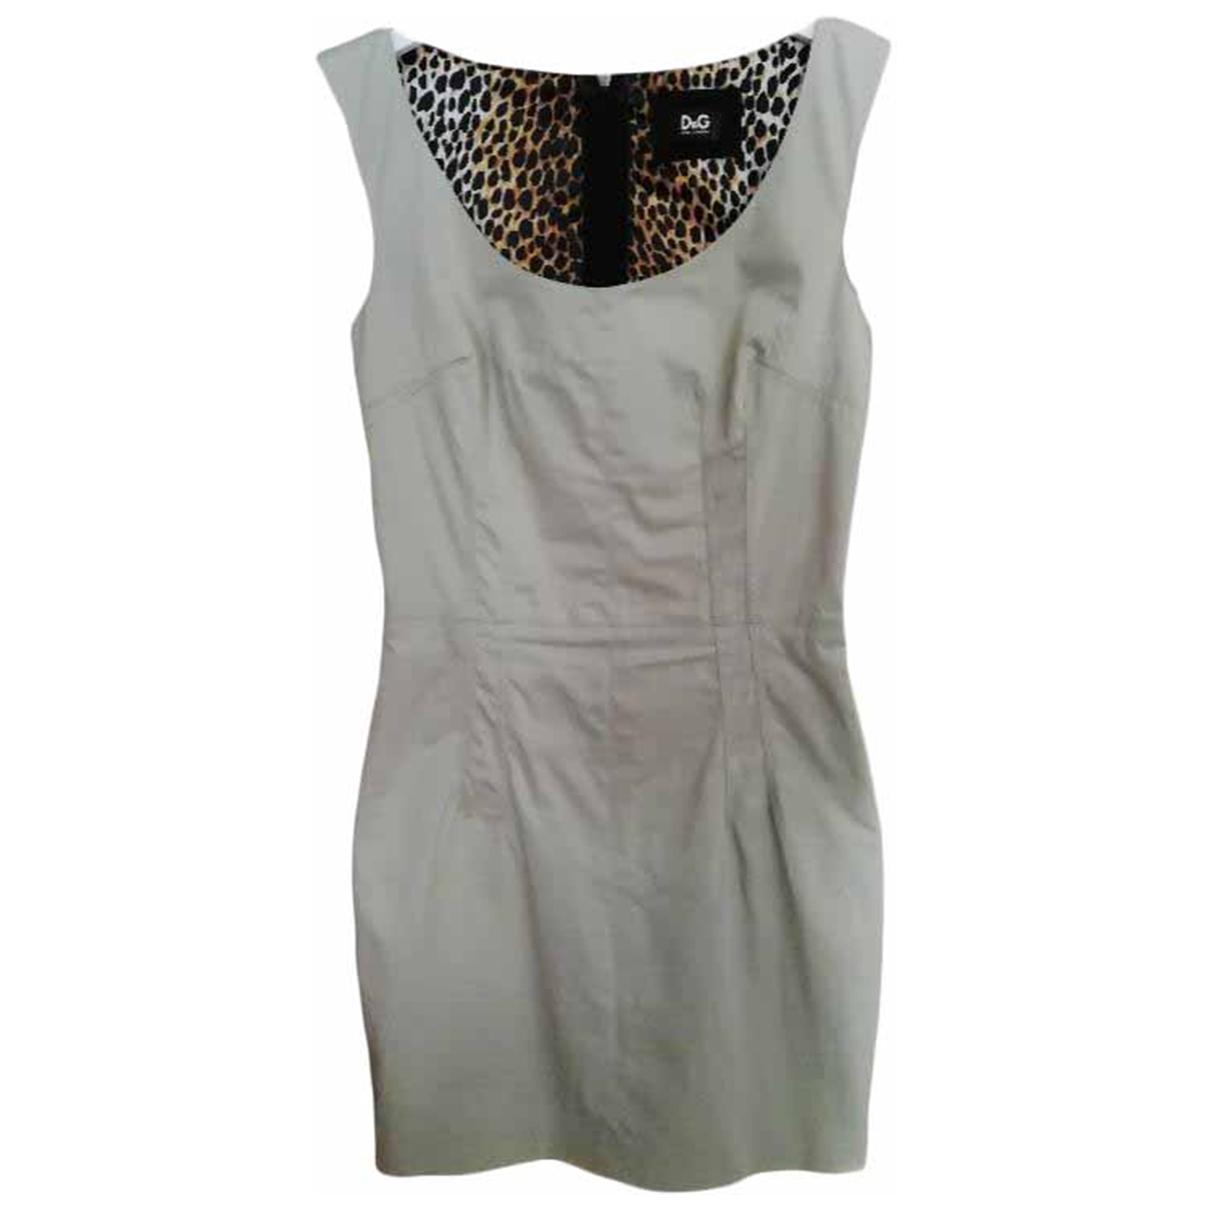 Dolce & Gabbana \N Beige Cotton dress for Women 38 IT